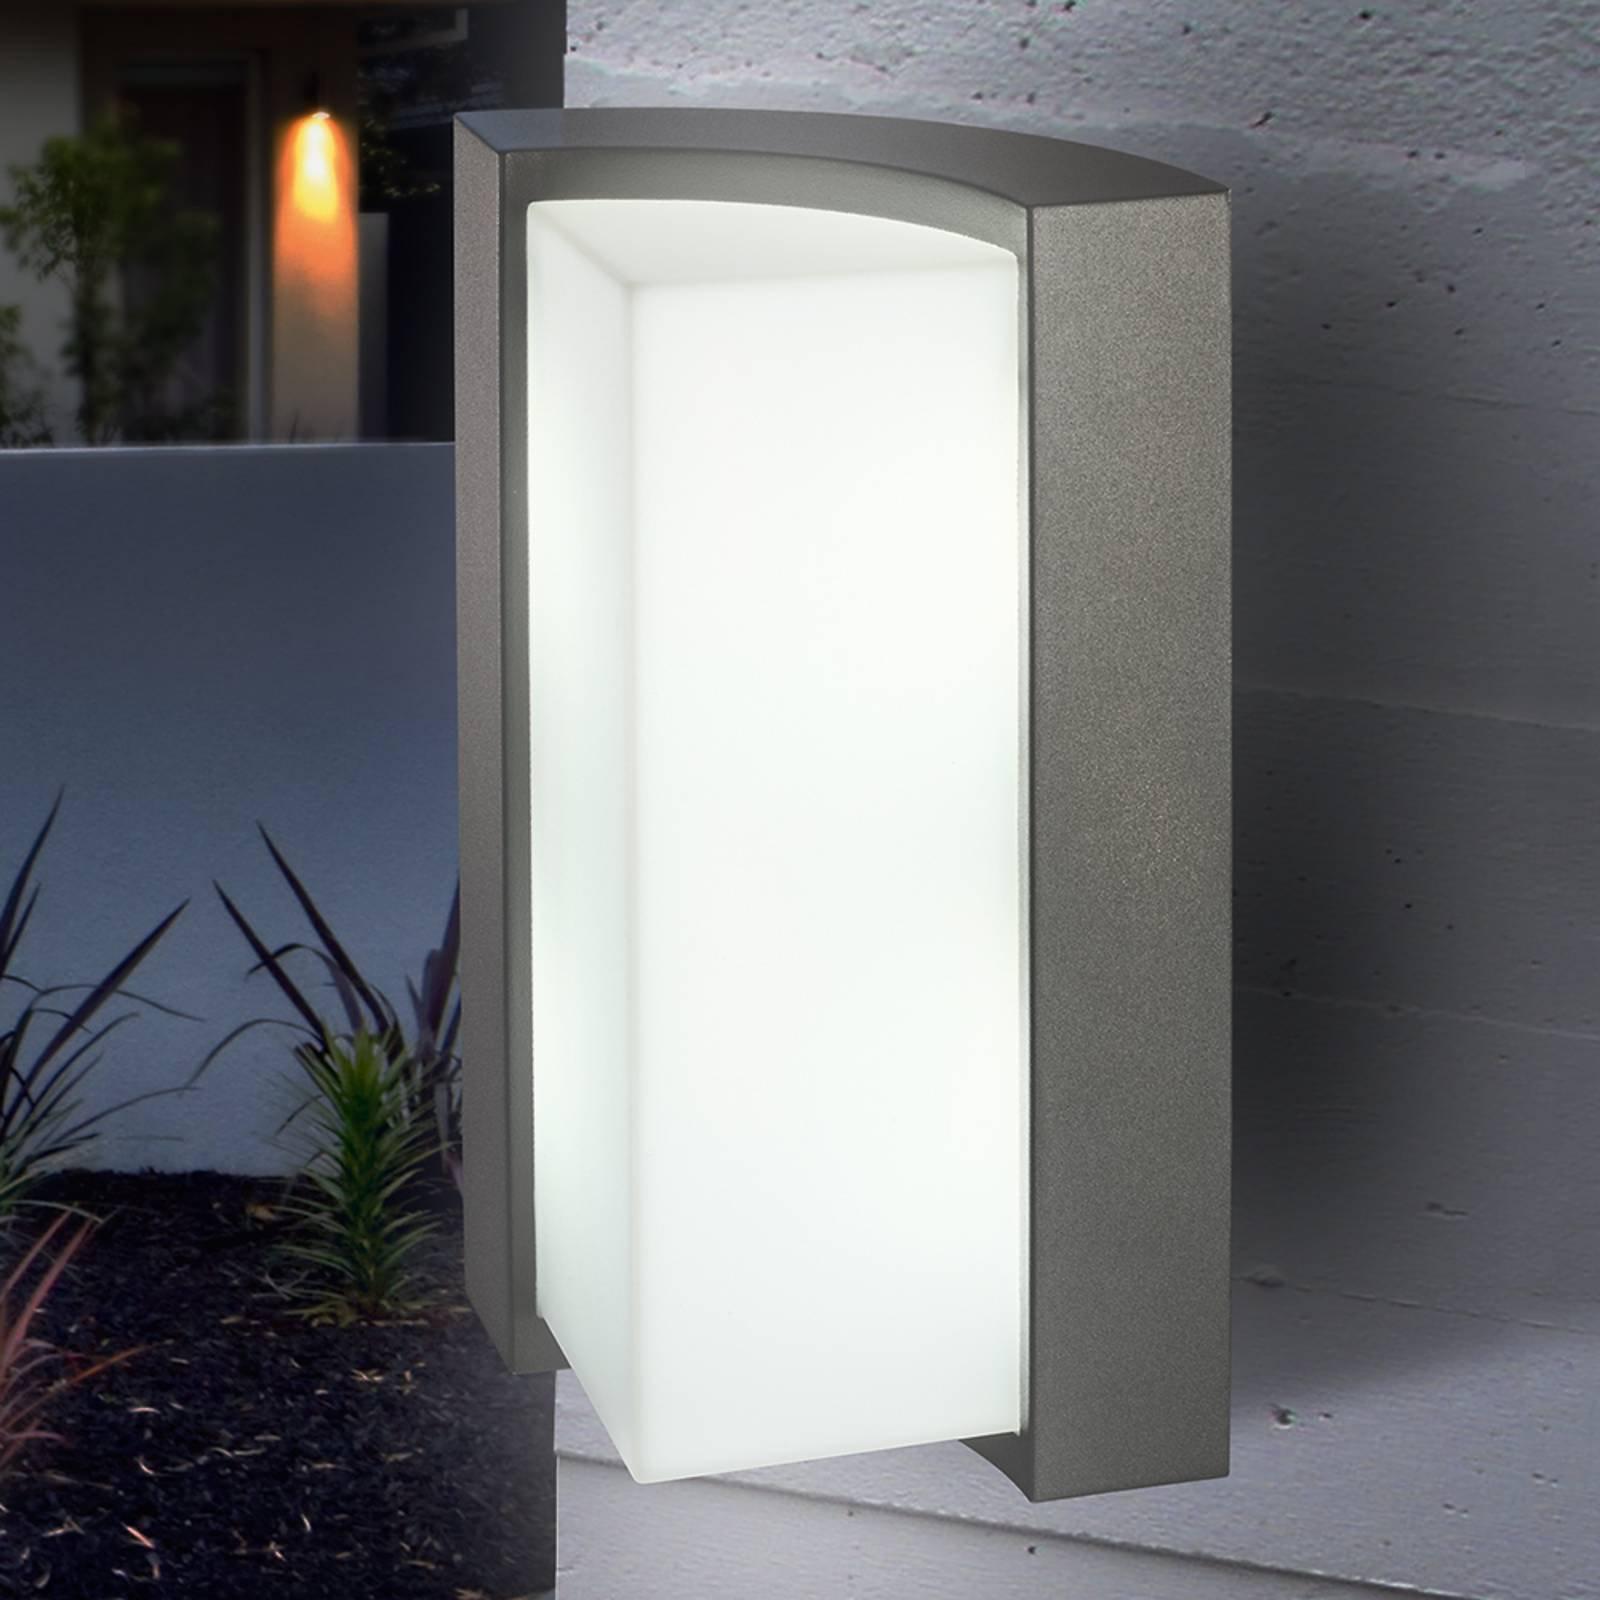 Tidsriktig TIRANO yttervegglampe med LED, antr